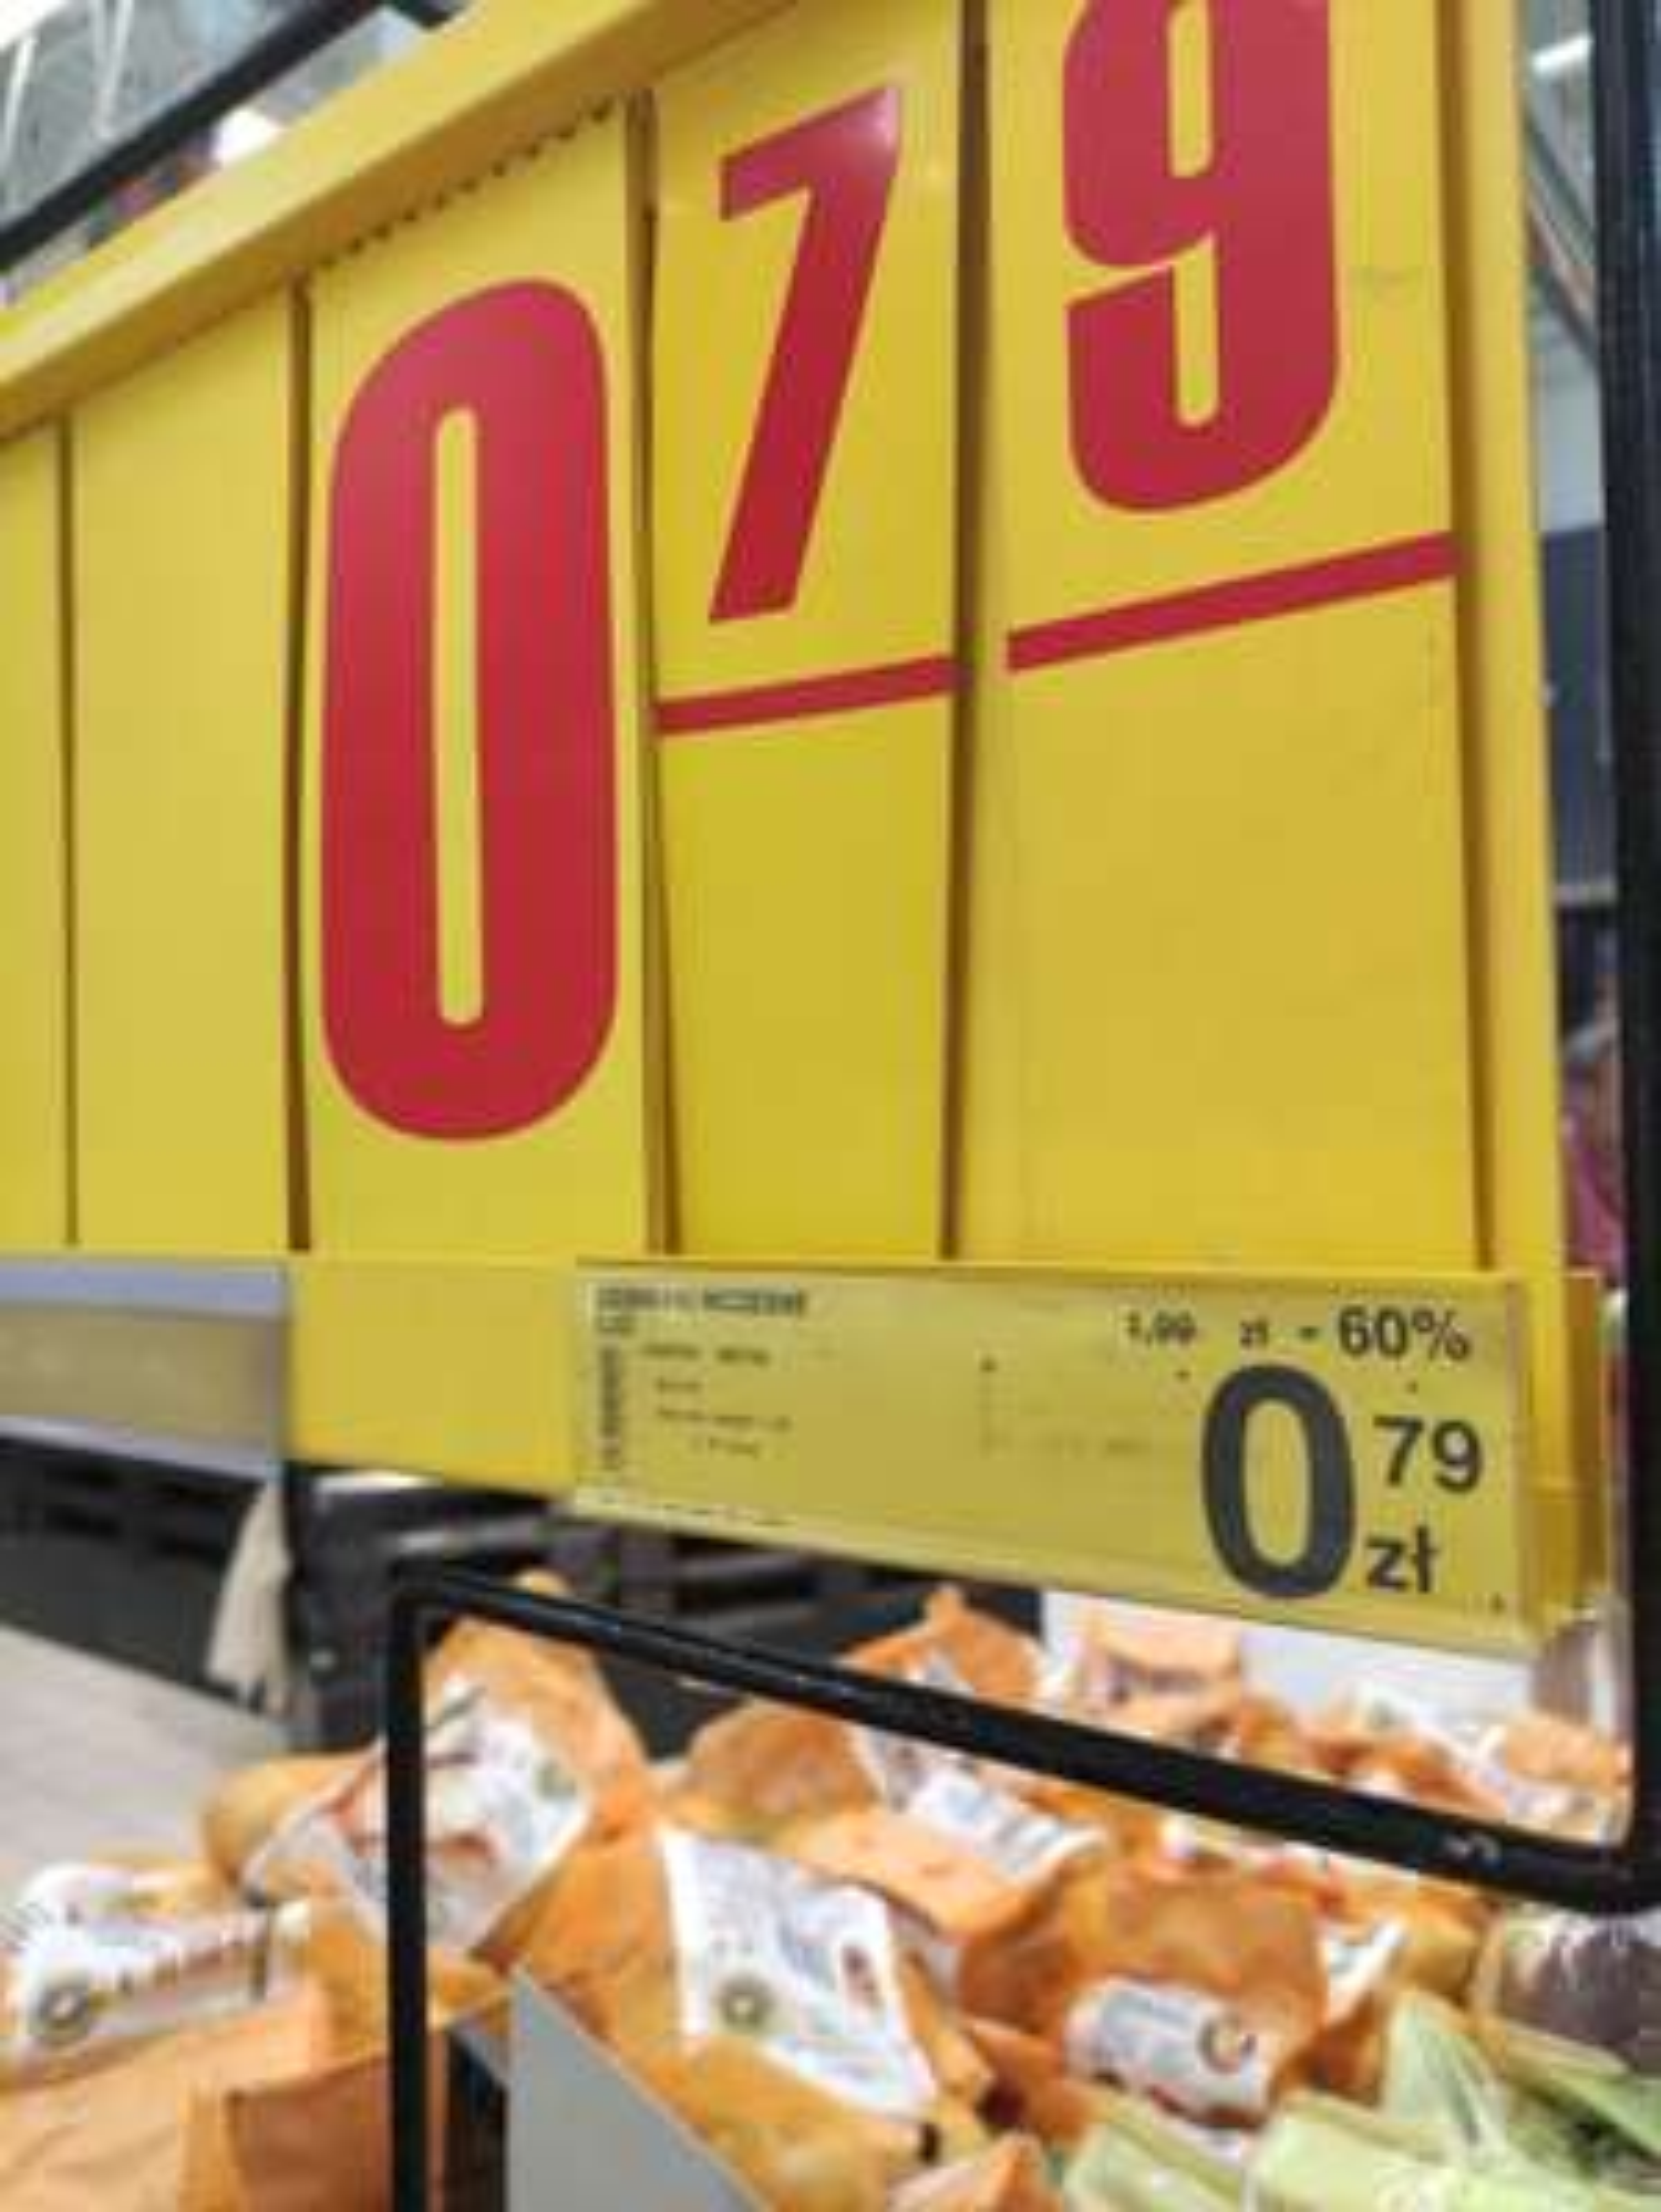 Ziemniaki wczesne polskie 0.79zł/kg - Carrefour Nowy Sącz/Kędzierzyn Koźle